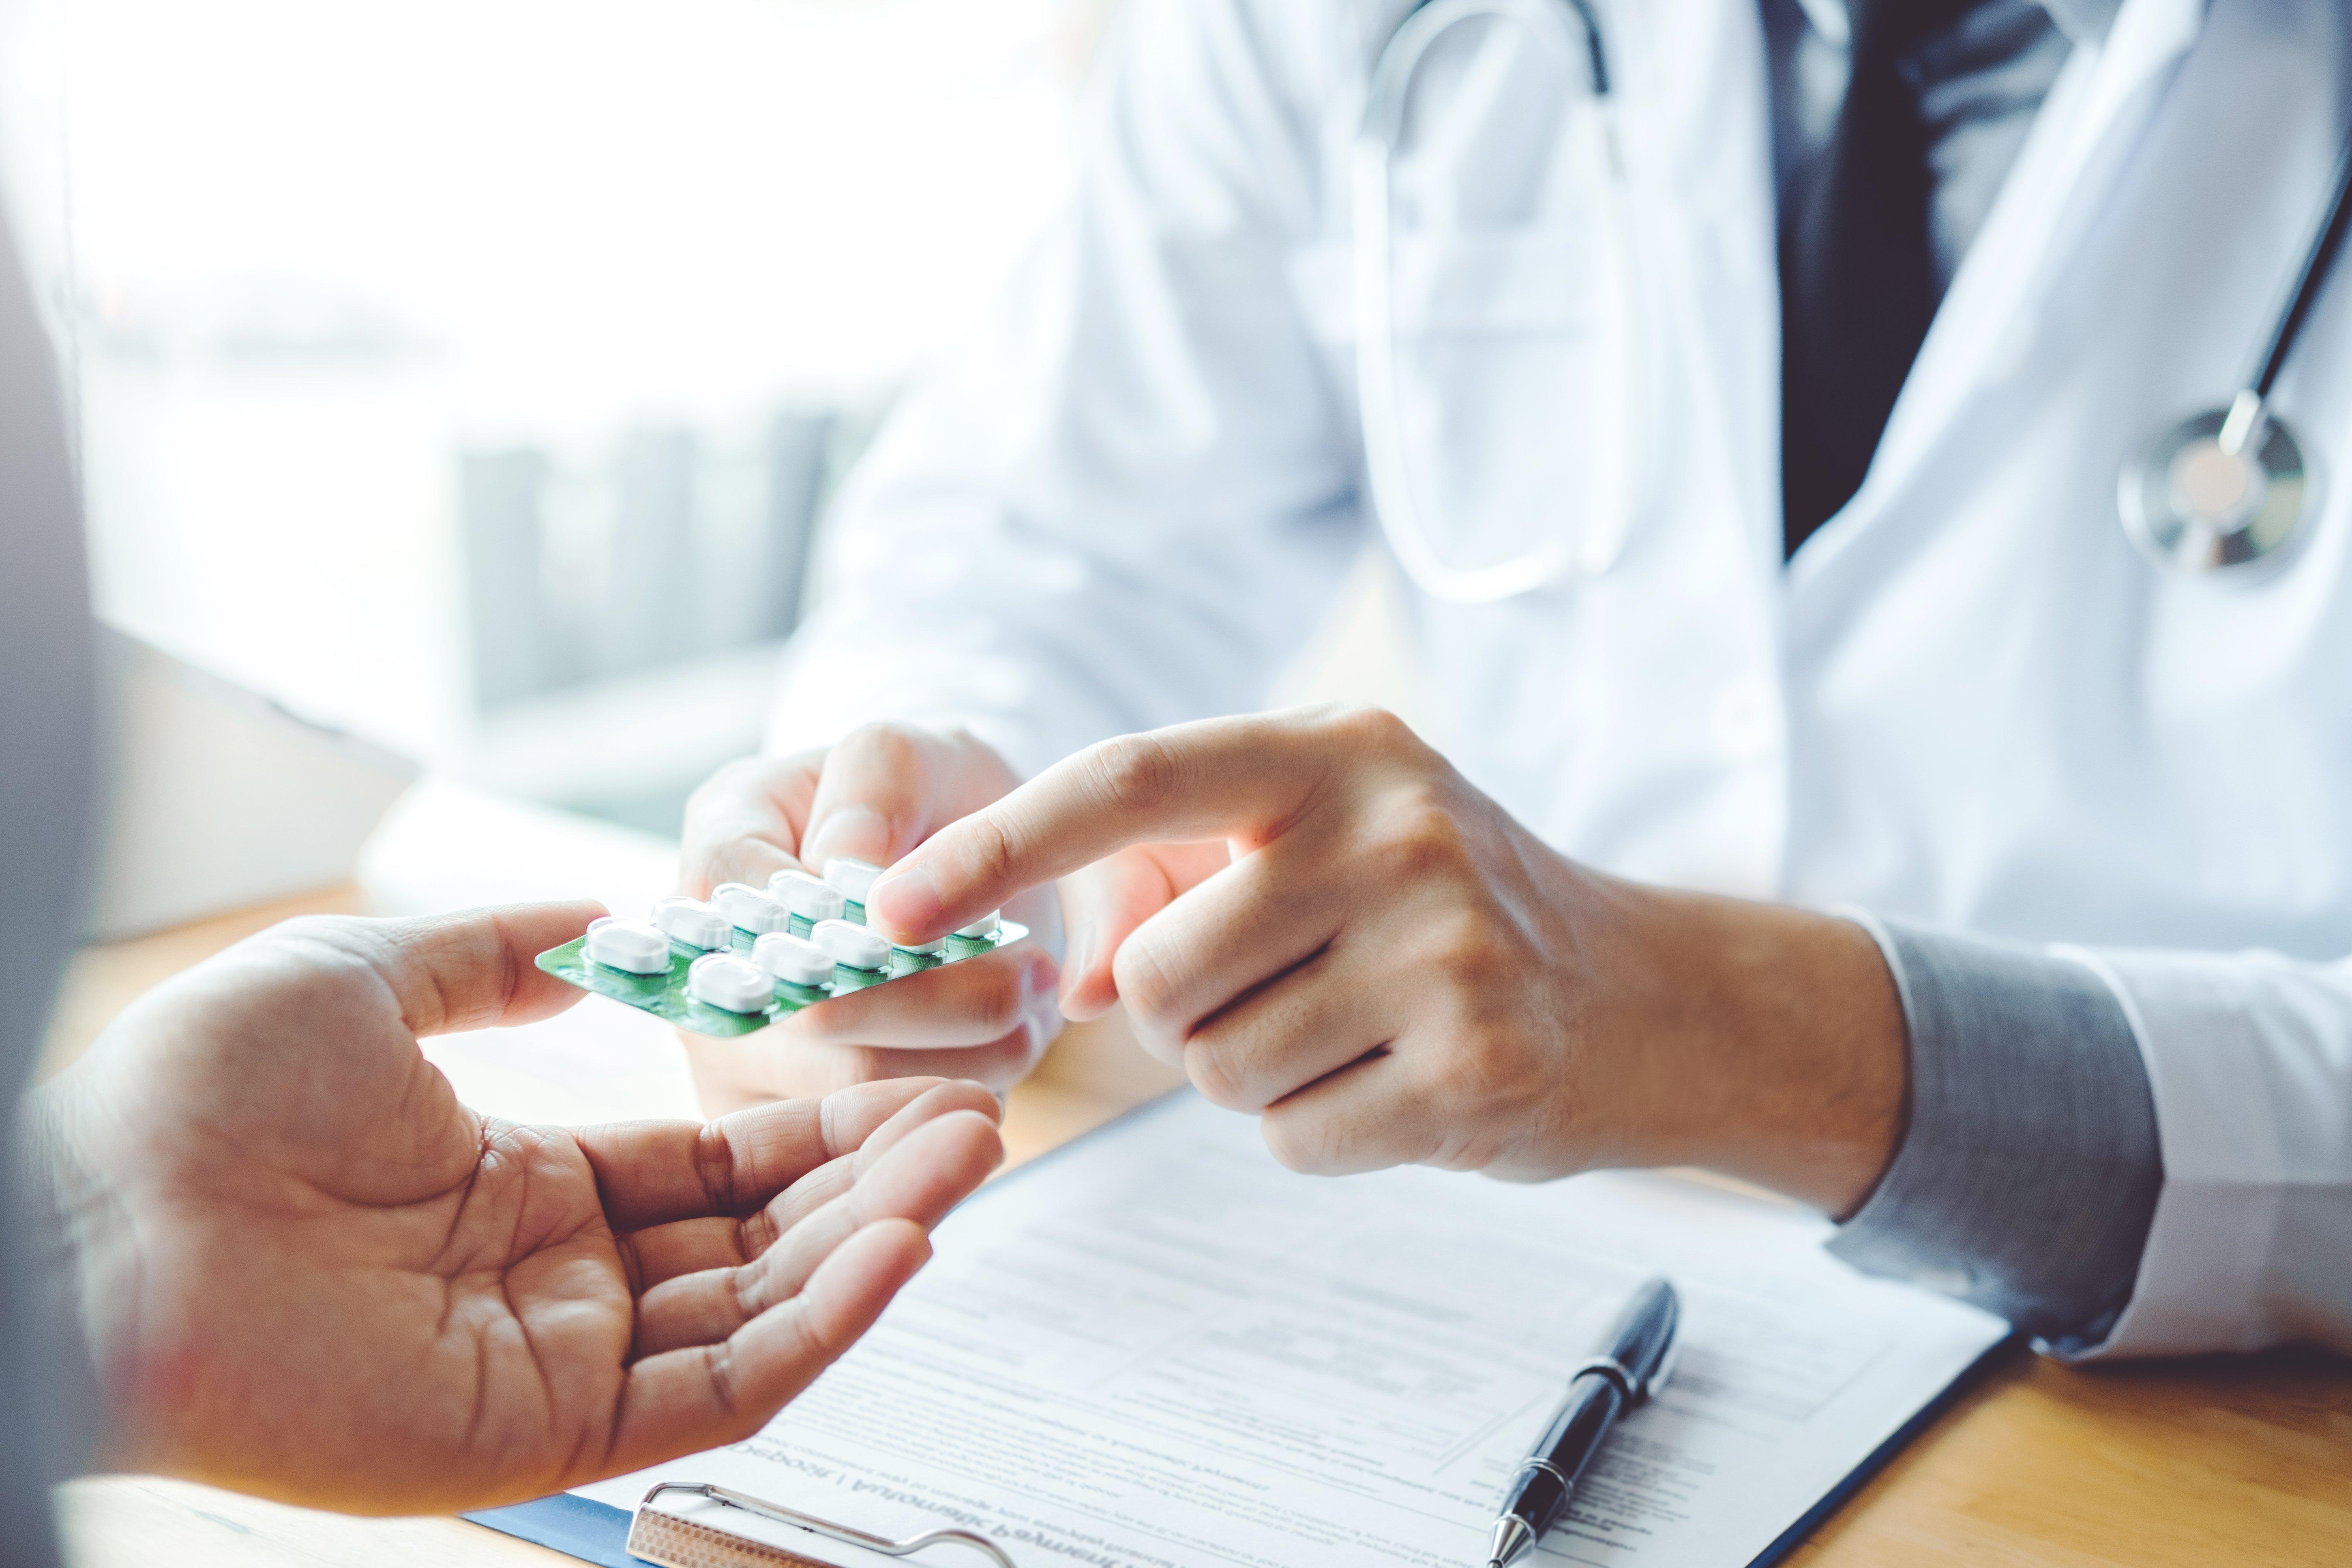 doctor handing patient prescription pills